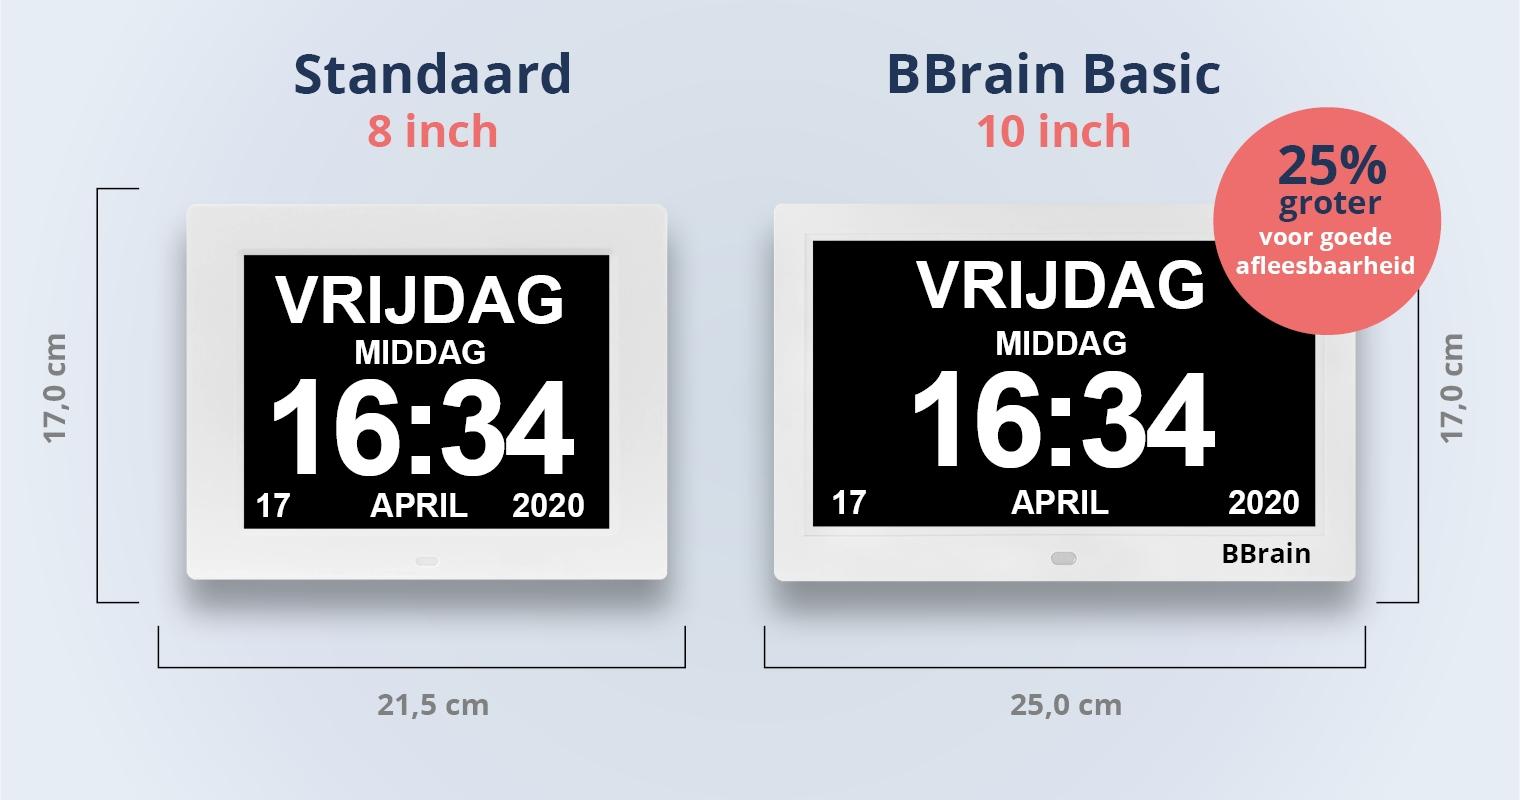 Vergelijking BBrain 10 inch en 8 inch Wit